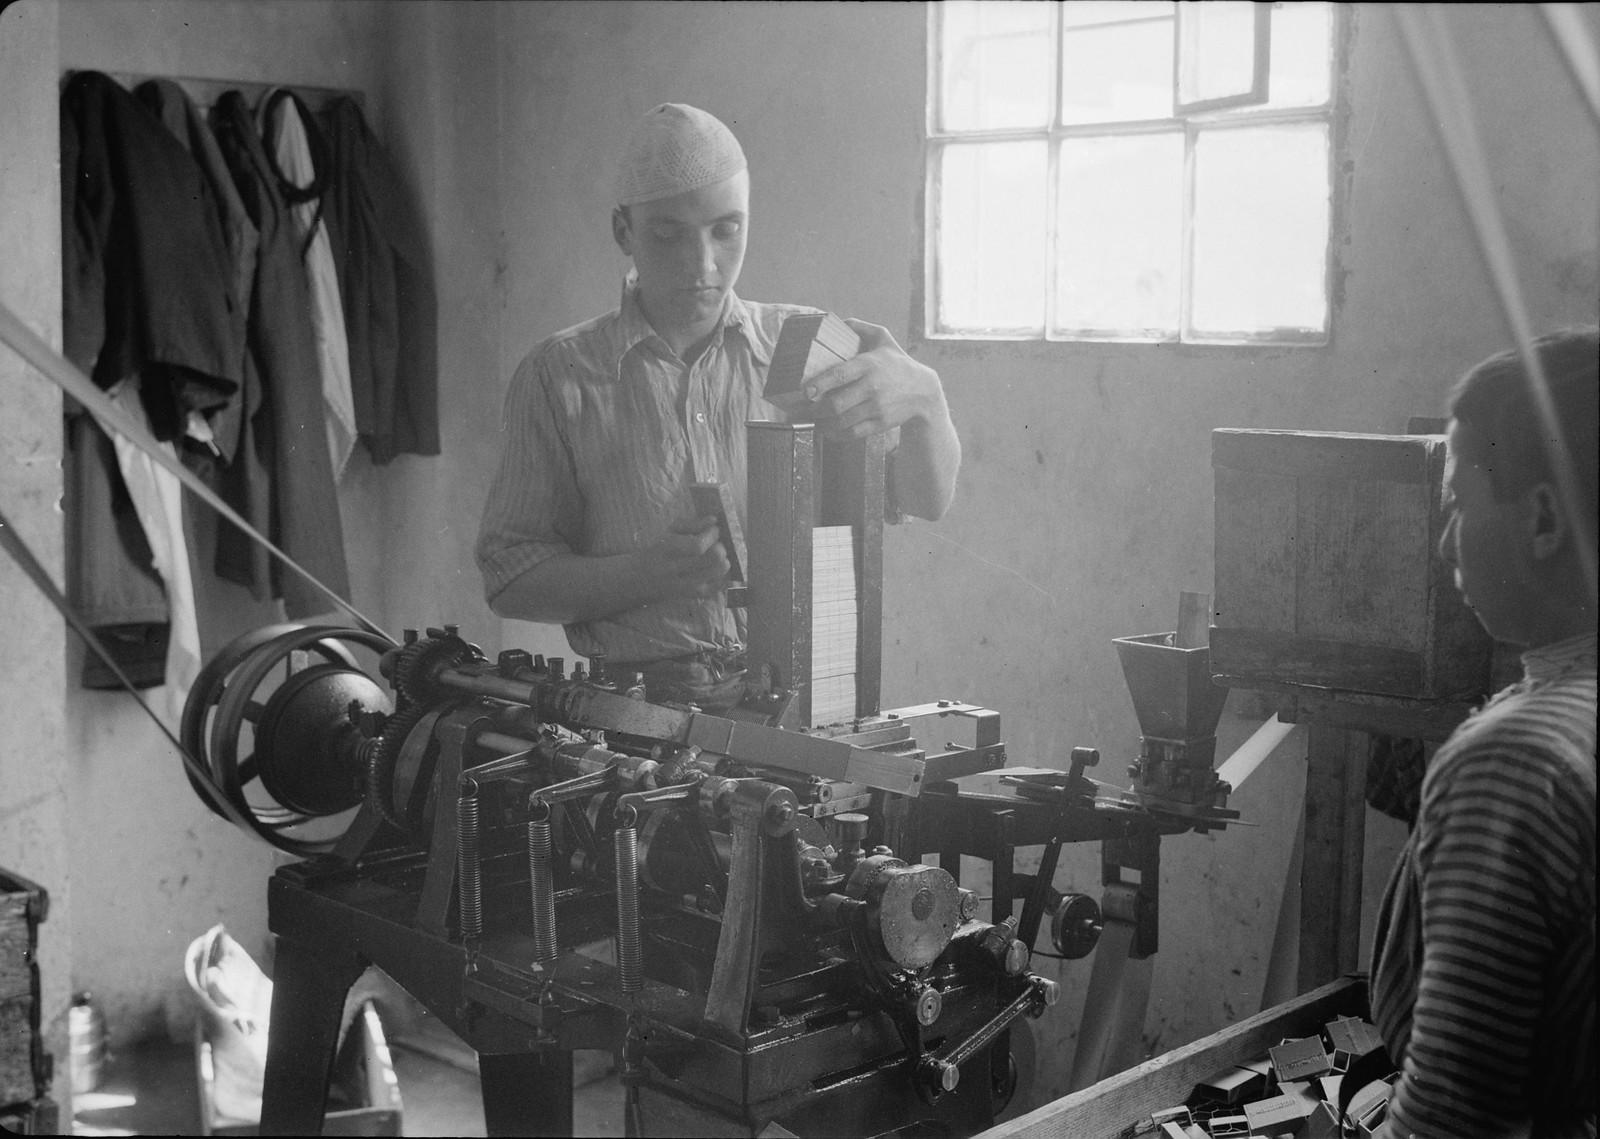 06. 1940. Шхем. Спичечная фабрика. Изготовление спичечных коробок машинным способом